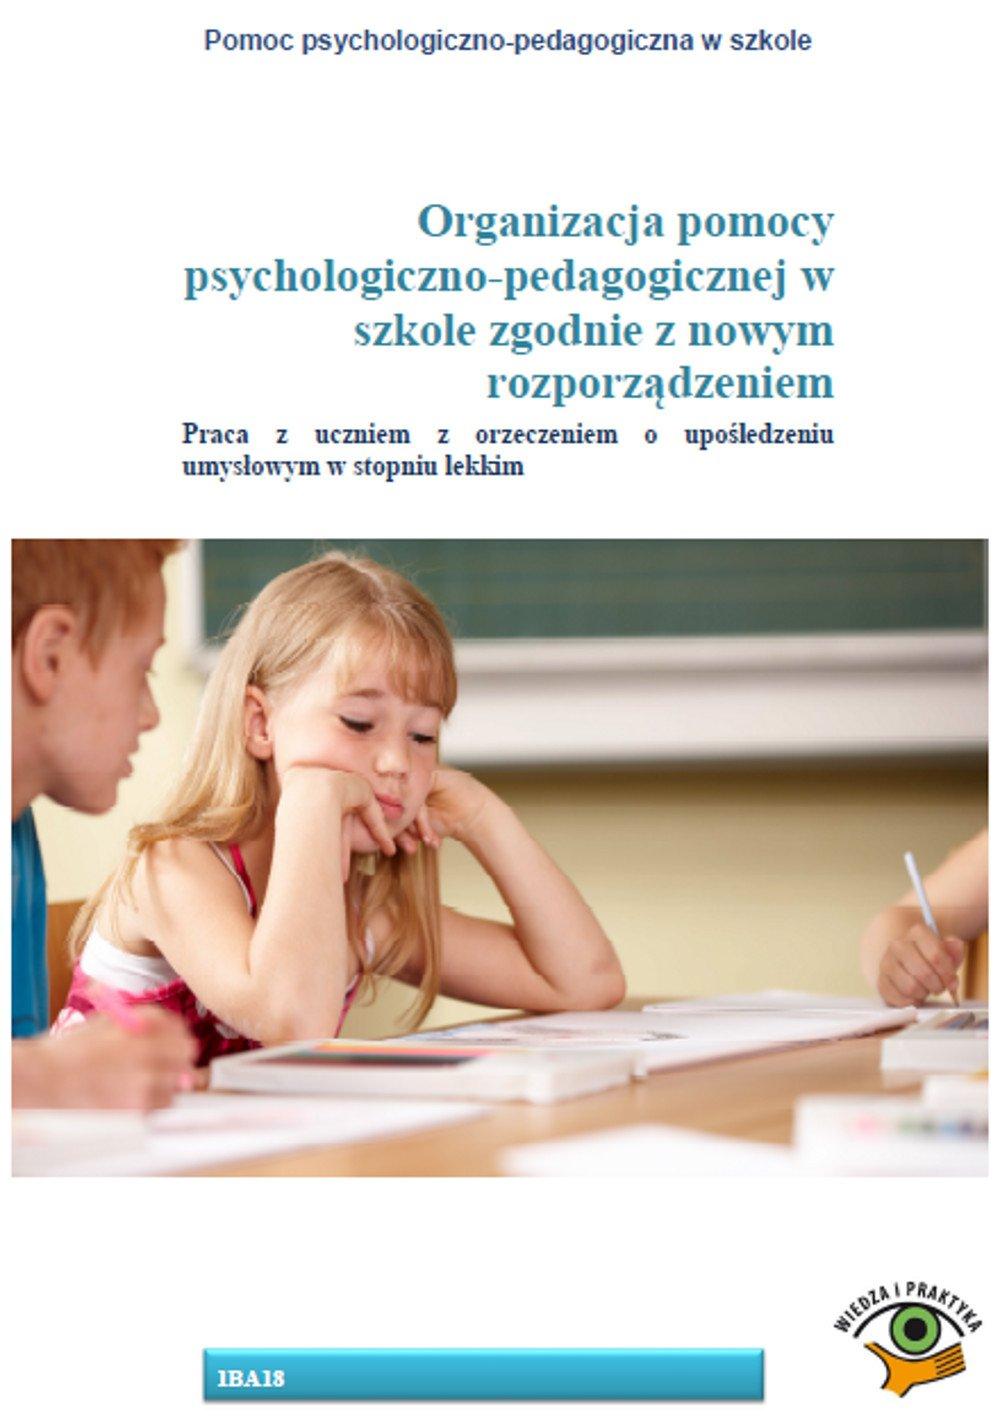 Organizacja pomocy psychologiczno-pedagogicznej w szkole zgodnie z nowym rozporządzeniem. Praca z uczniem z orzeczeniem o upośledzeniu umysłowym w stopniu lekkim - Ebook (Książka PDF) do pobrania w formacie PDF